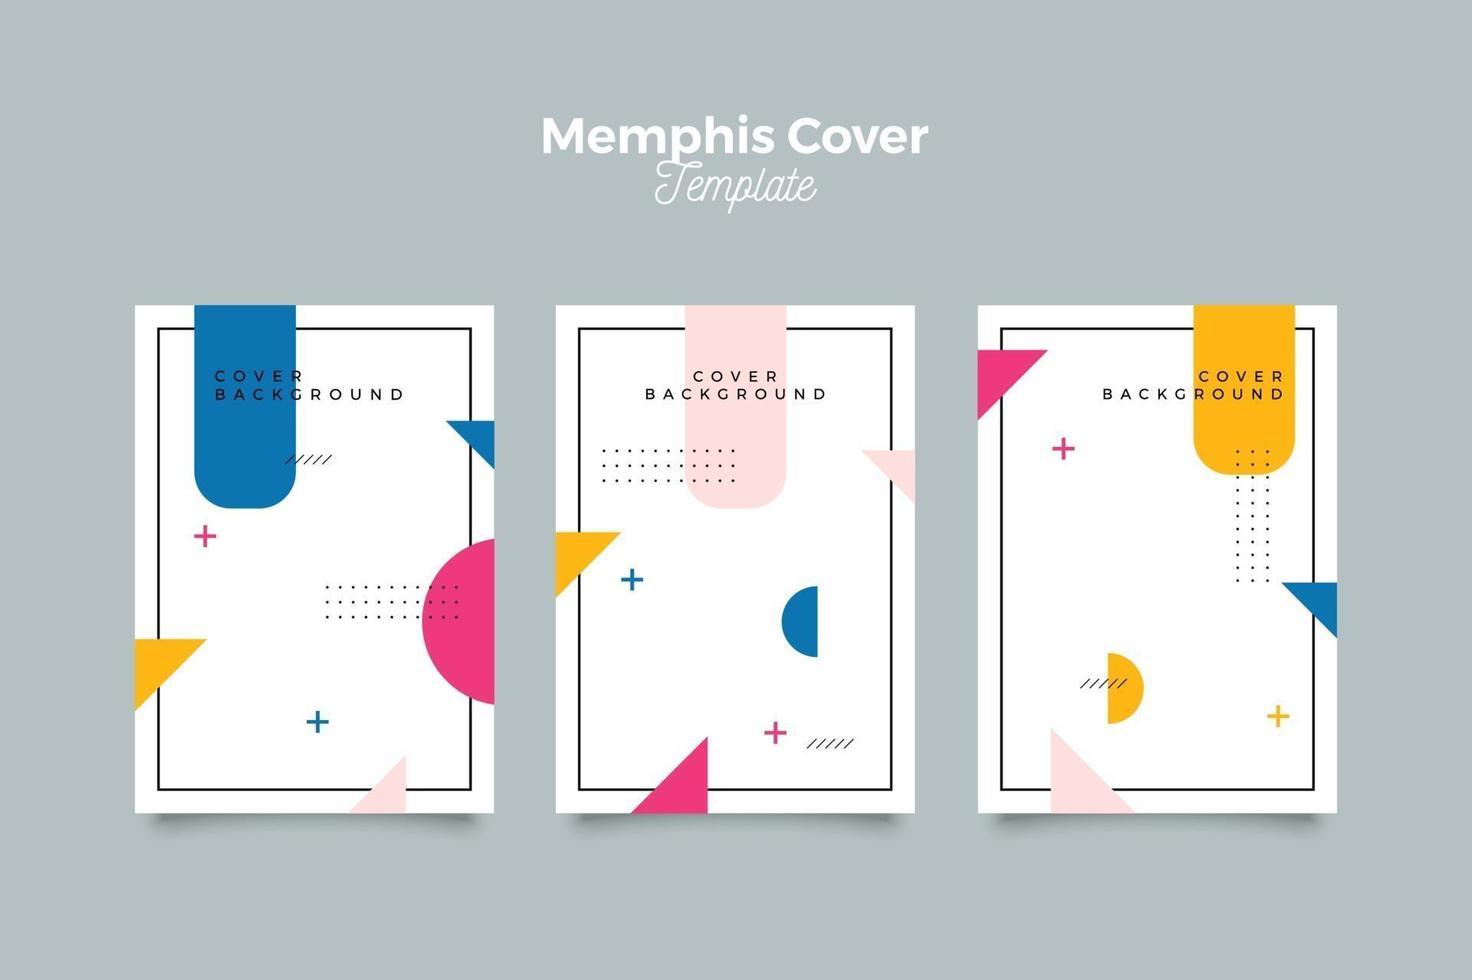 couverture de memphis sertie de formes abstraites vecteur